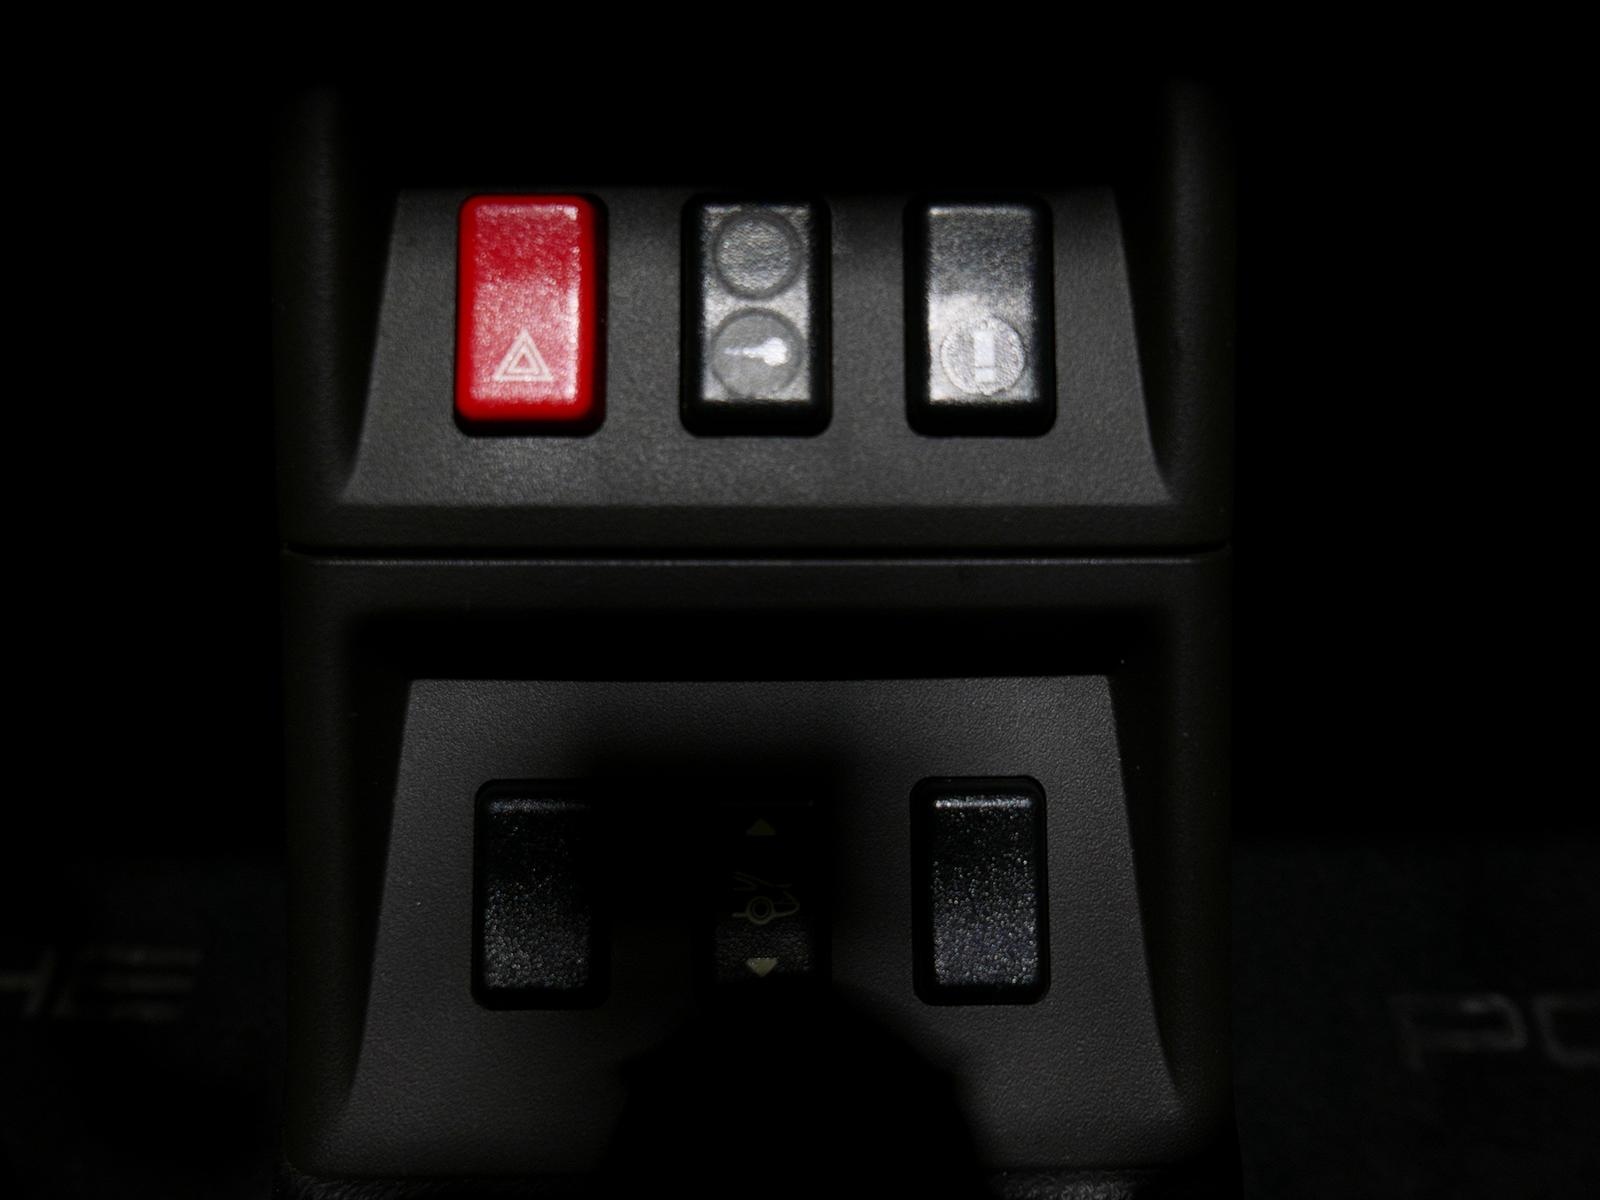 ポルシェ 911 タイプ993 カレラ タイプ Ⅰ センターコンソール